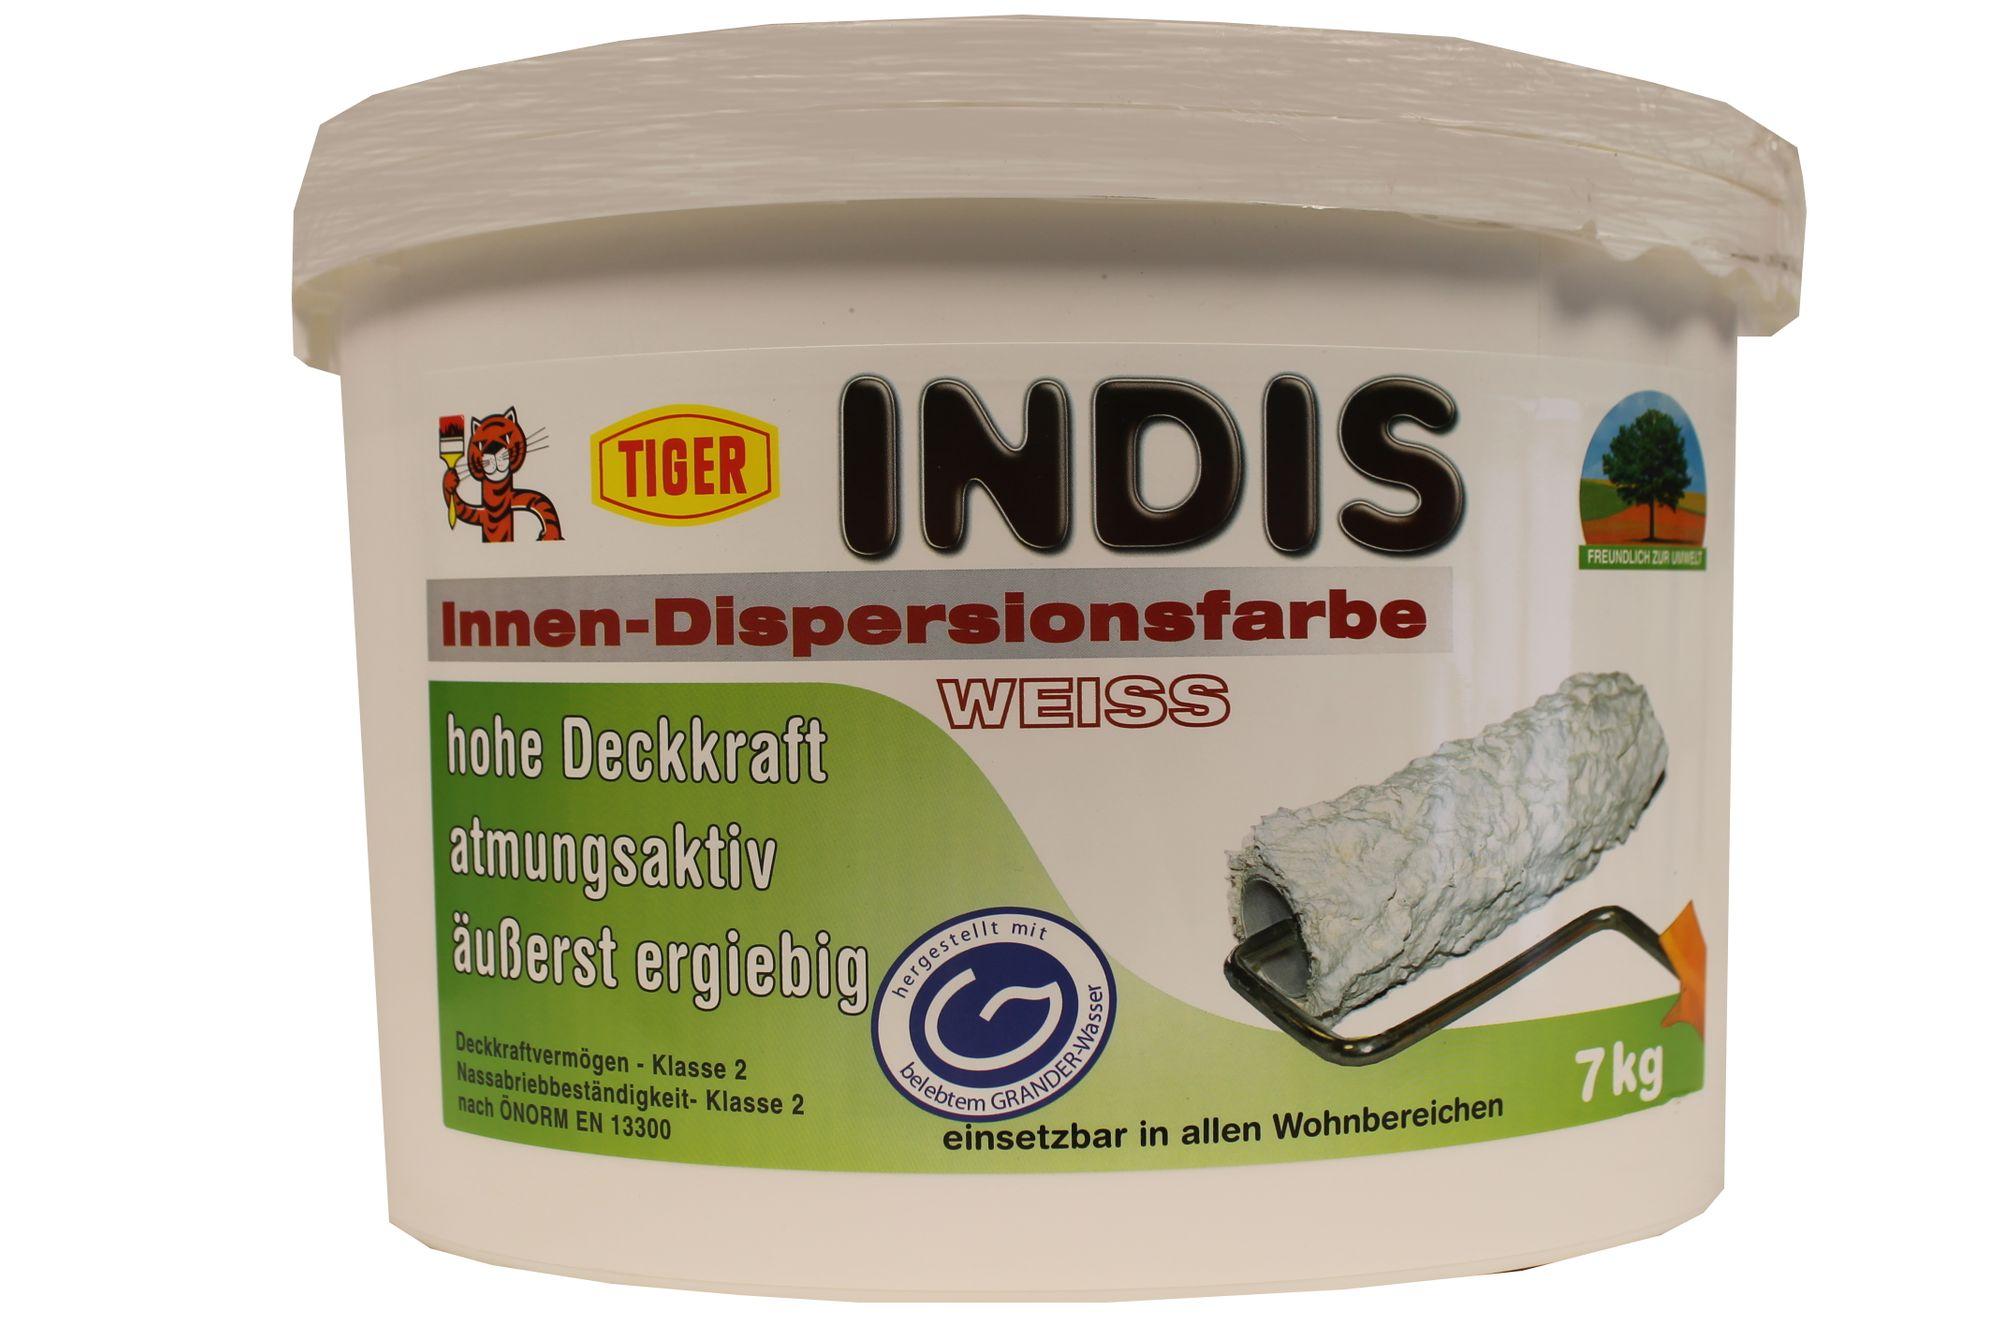 Tiger Indis Innen-Dispersionsfarbe Wandfarbe Weiss tuchmatt 14 Kg